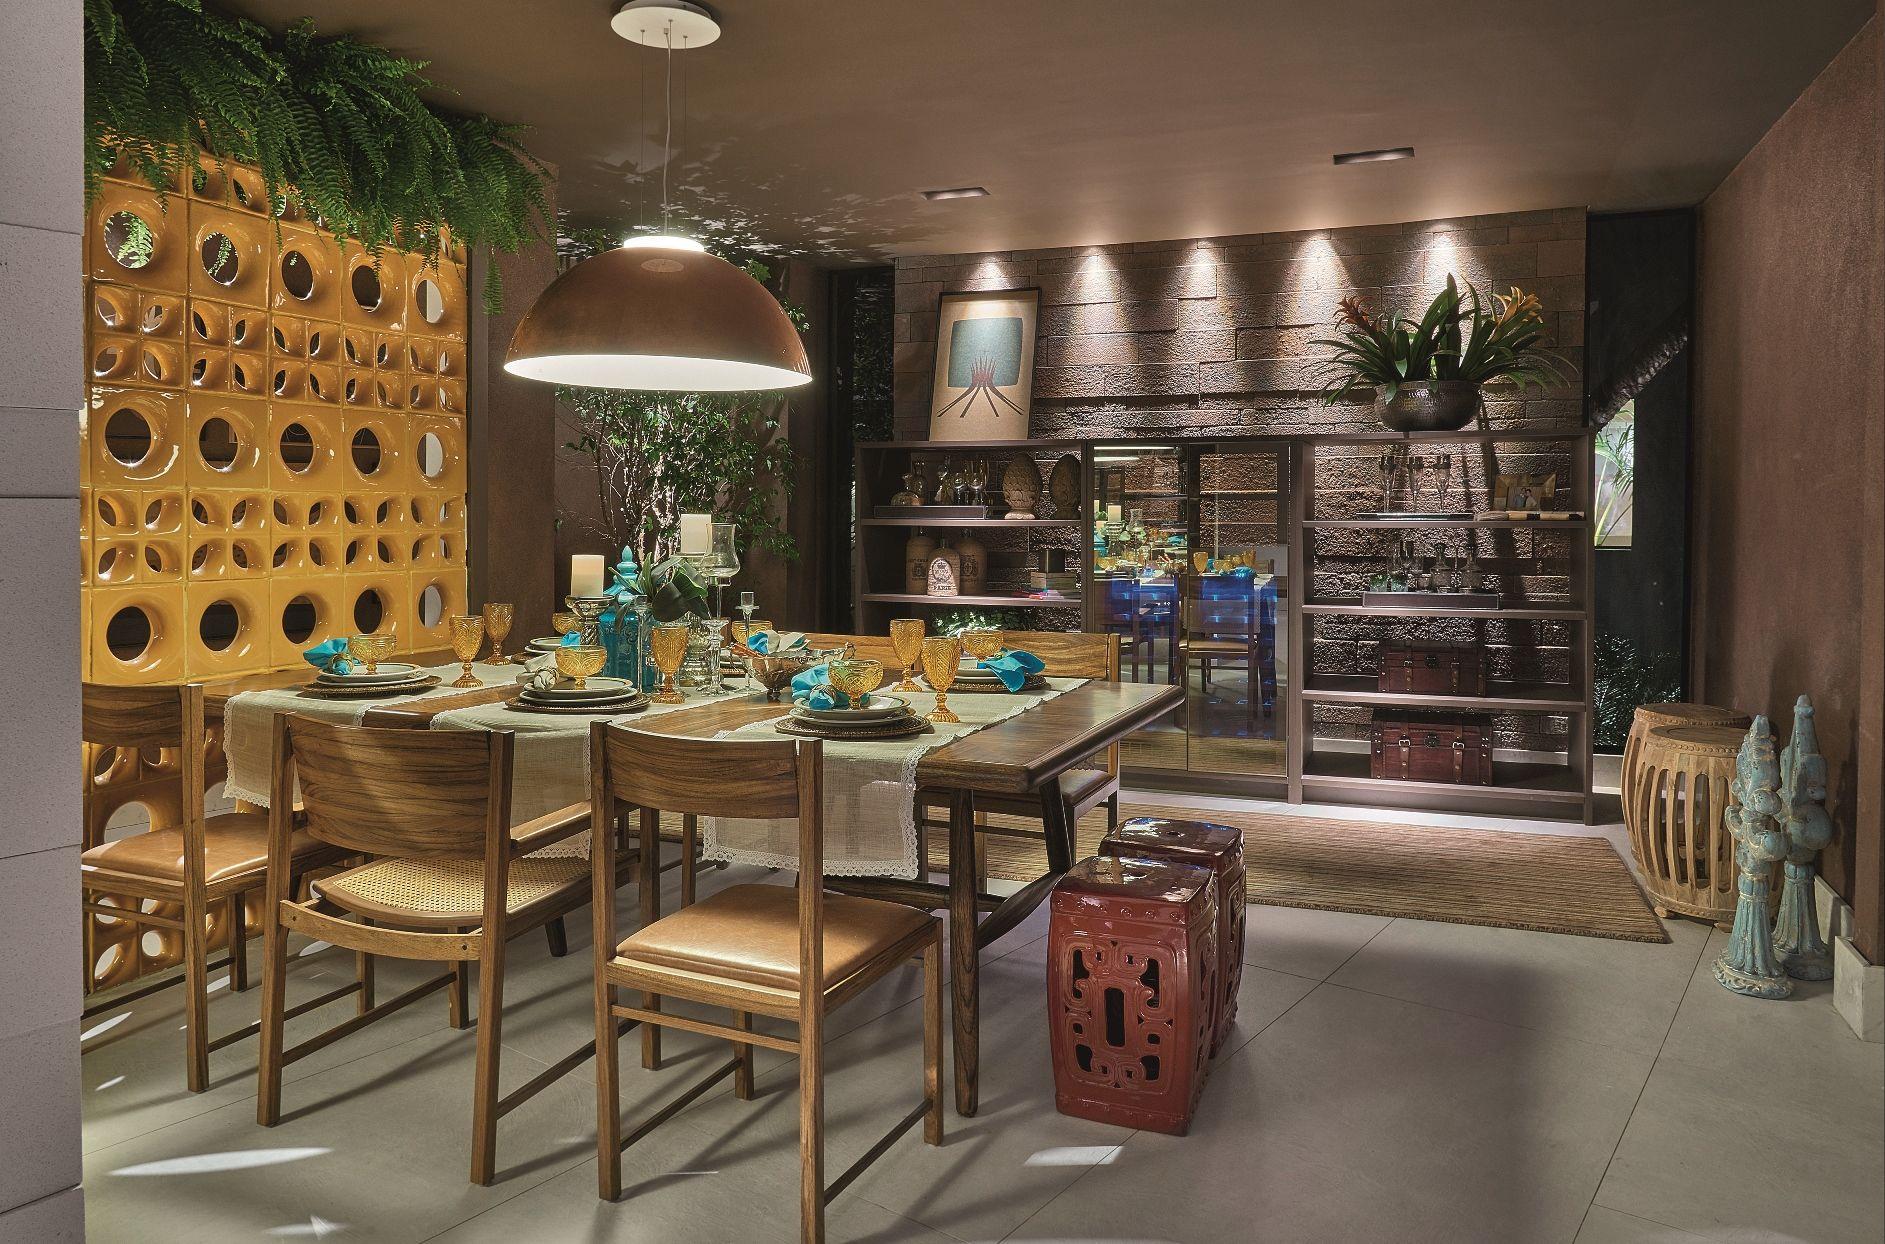 Cozinha Da Casa Por Didacio Duailibe Em Casa Cor Bras Lia 2015